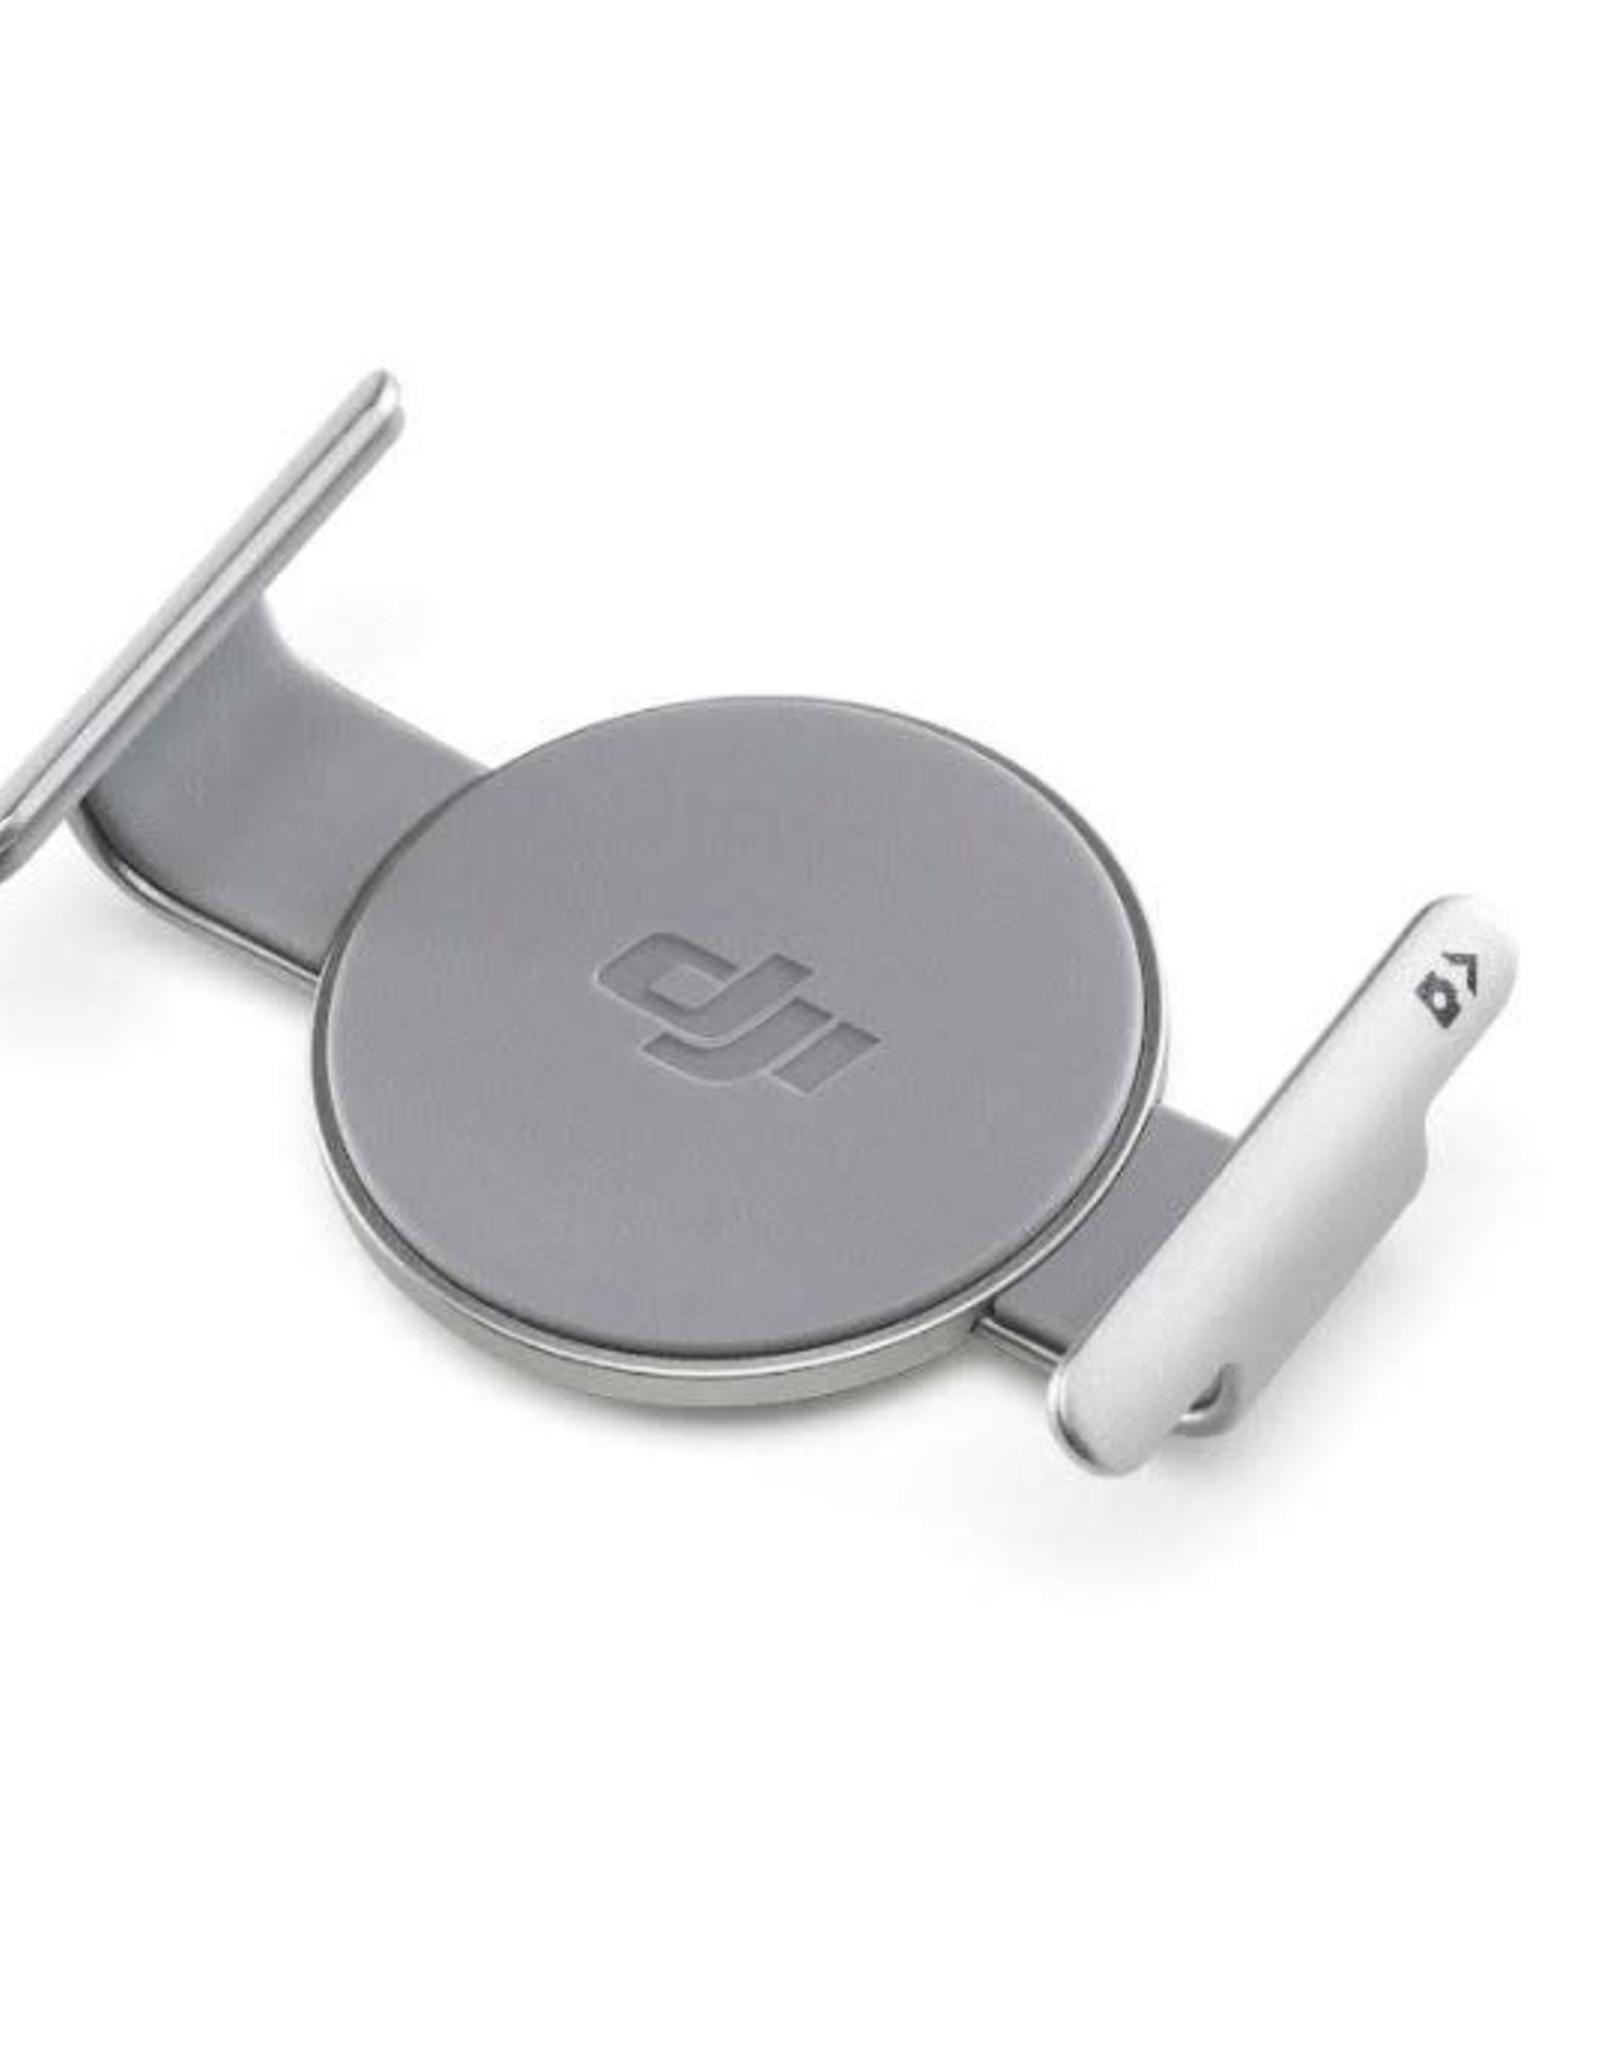 DJI Osmo Mobile 4 OM 4